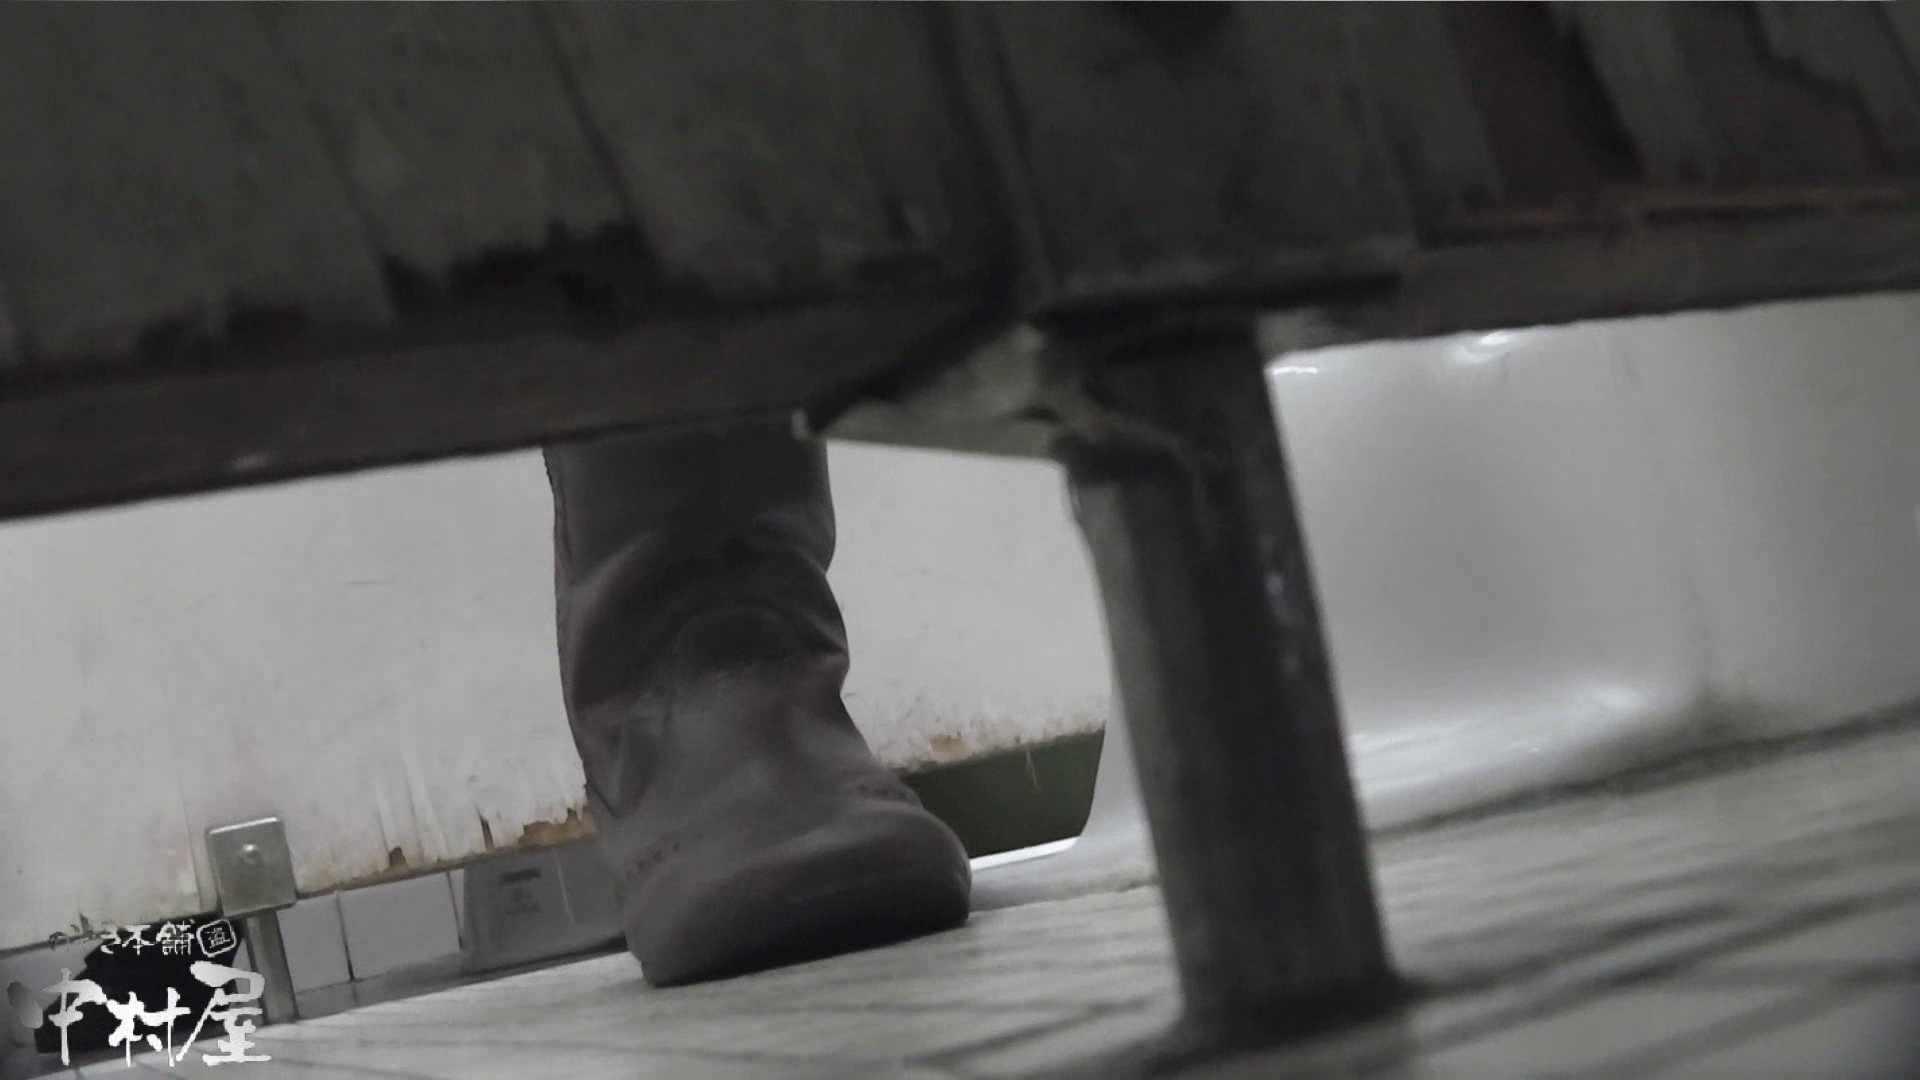 vol.14 命がけ潜伏洗面所! 色白ネーチャンヒクヒク! 潜入 | プライベート  93連発 21